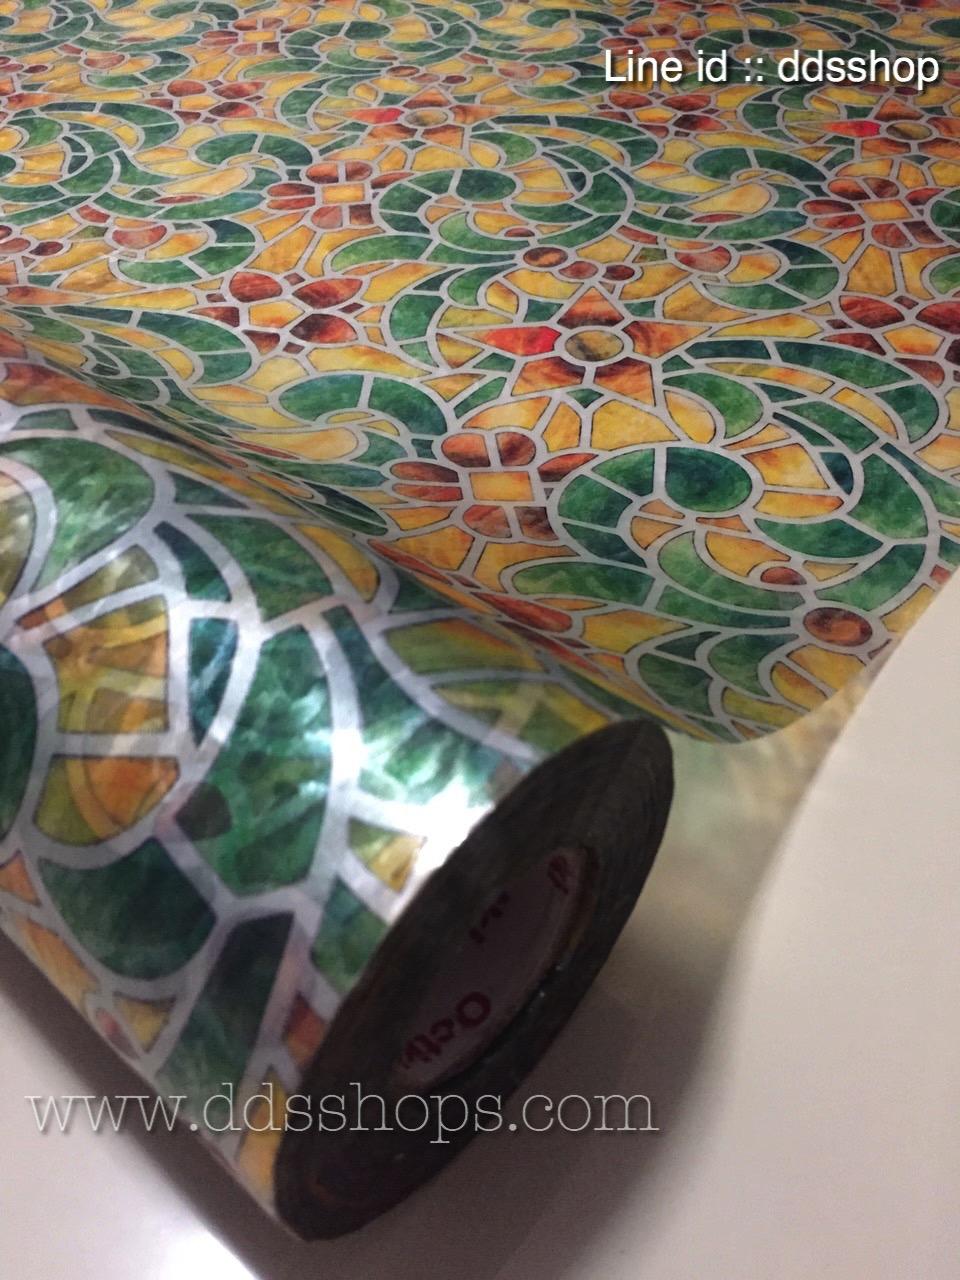 """สติ๊กเกอร์ติดกระจกแบบมีกาวในตัว """"Green and Orange"""" หน้ากว้าง 90 cm ตัดแบ่งขายเมตรละ 189 บาท (ขั้นต่ำ 3m)"""